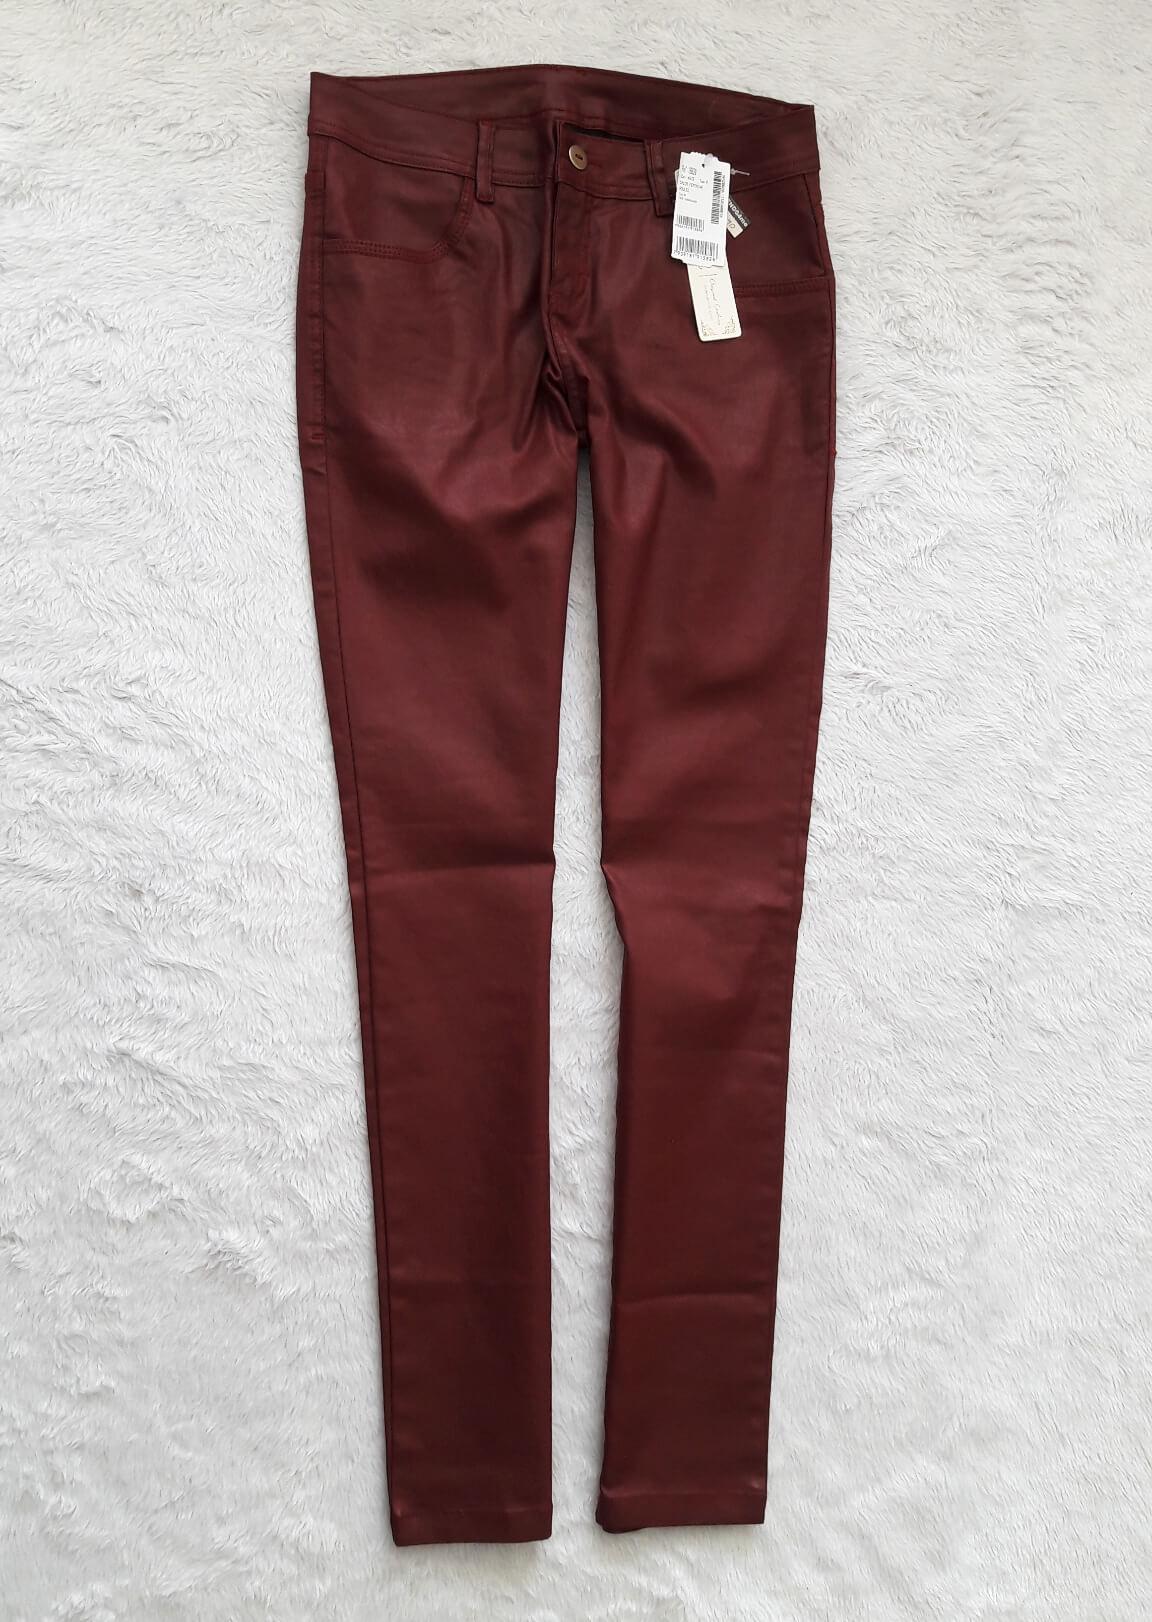 jeans-resinado-p